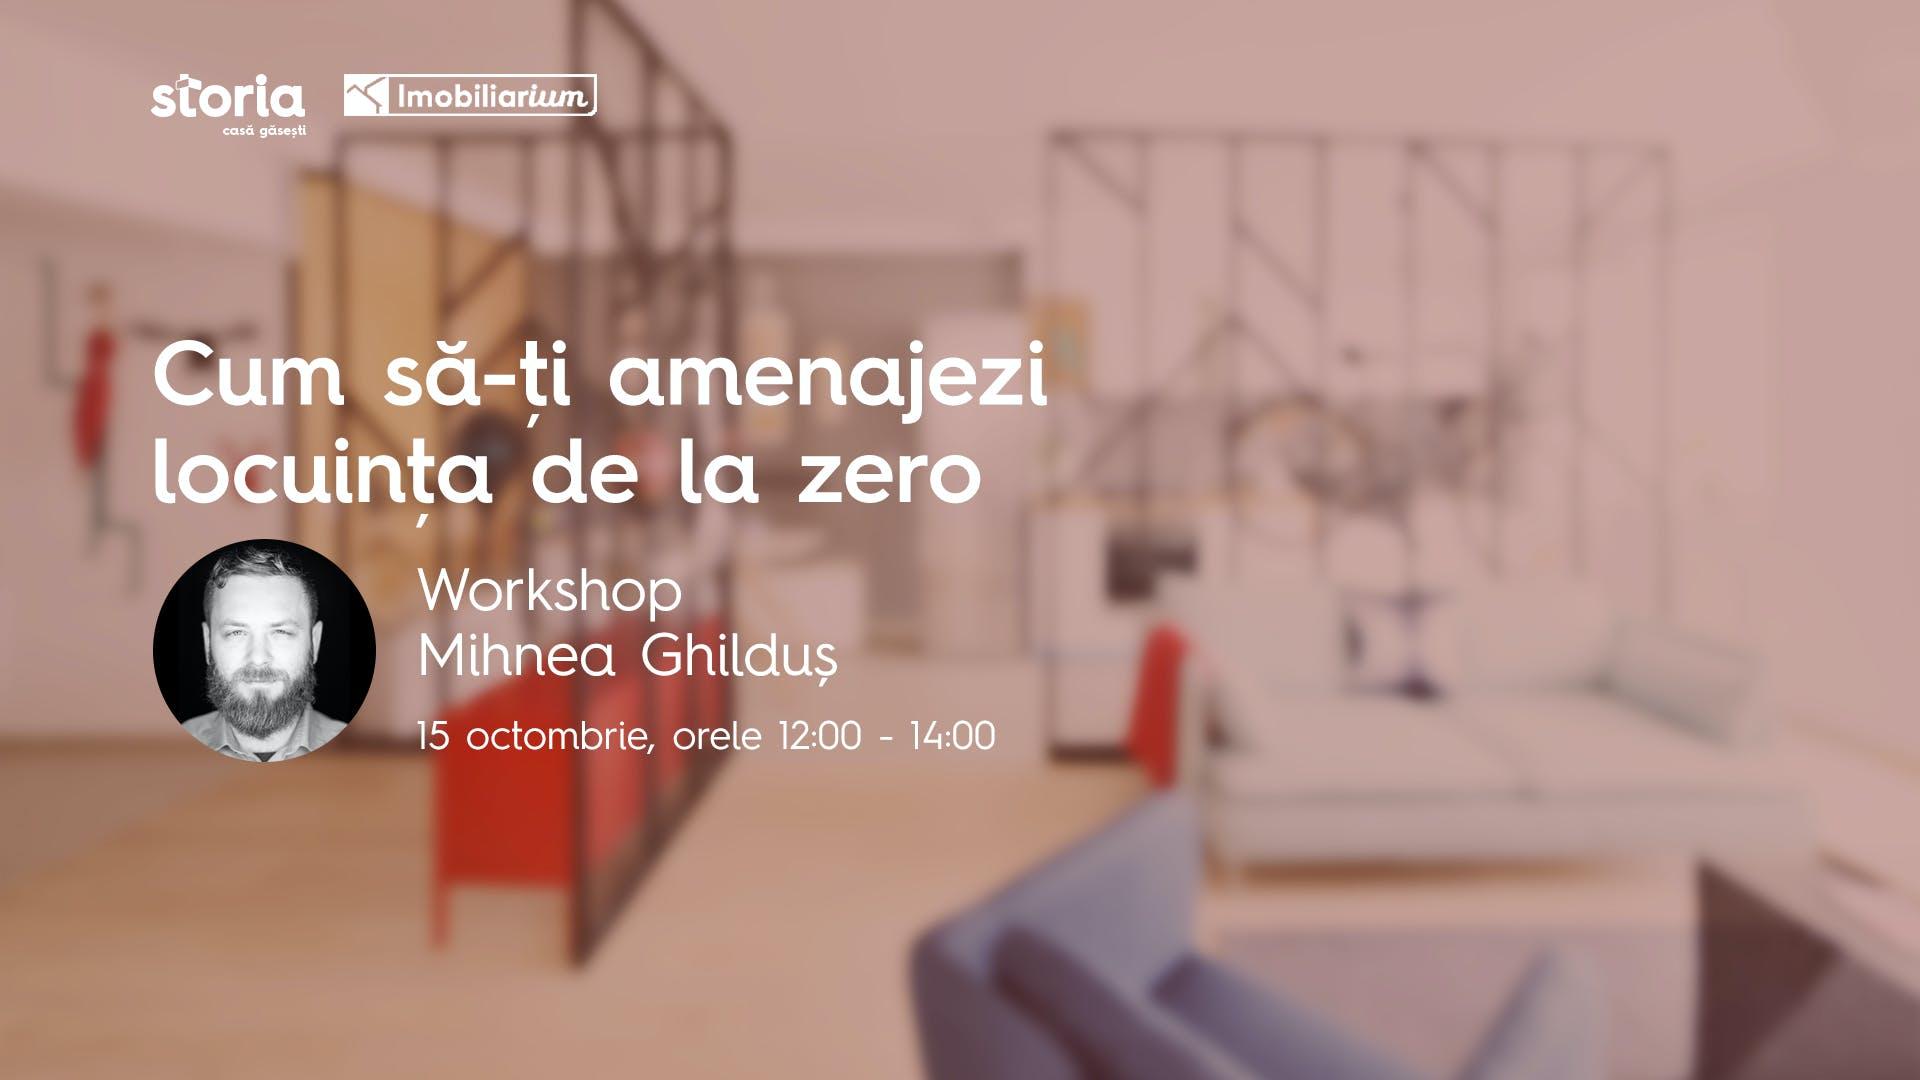 Workshop Mihnea Ghildus